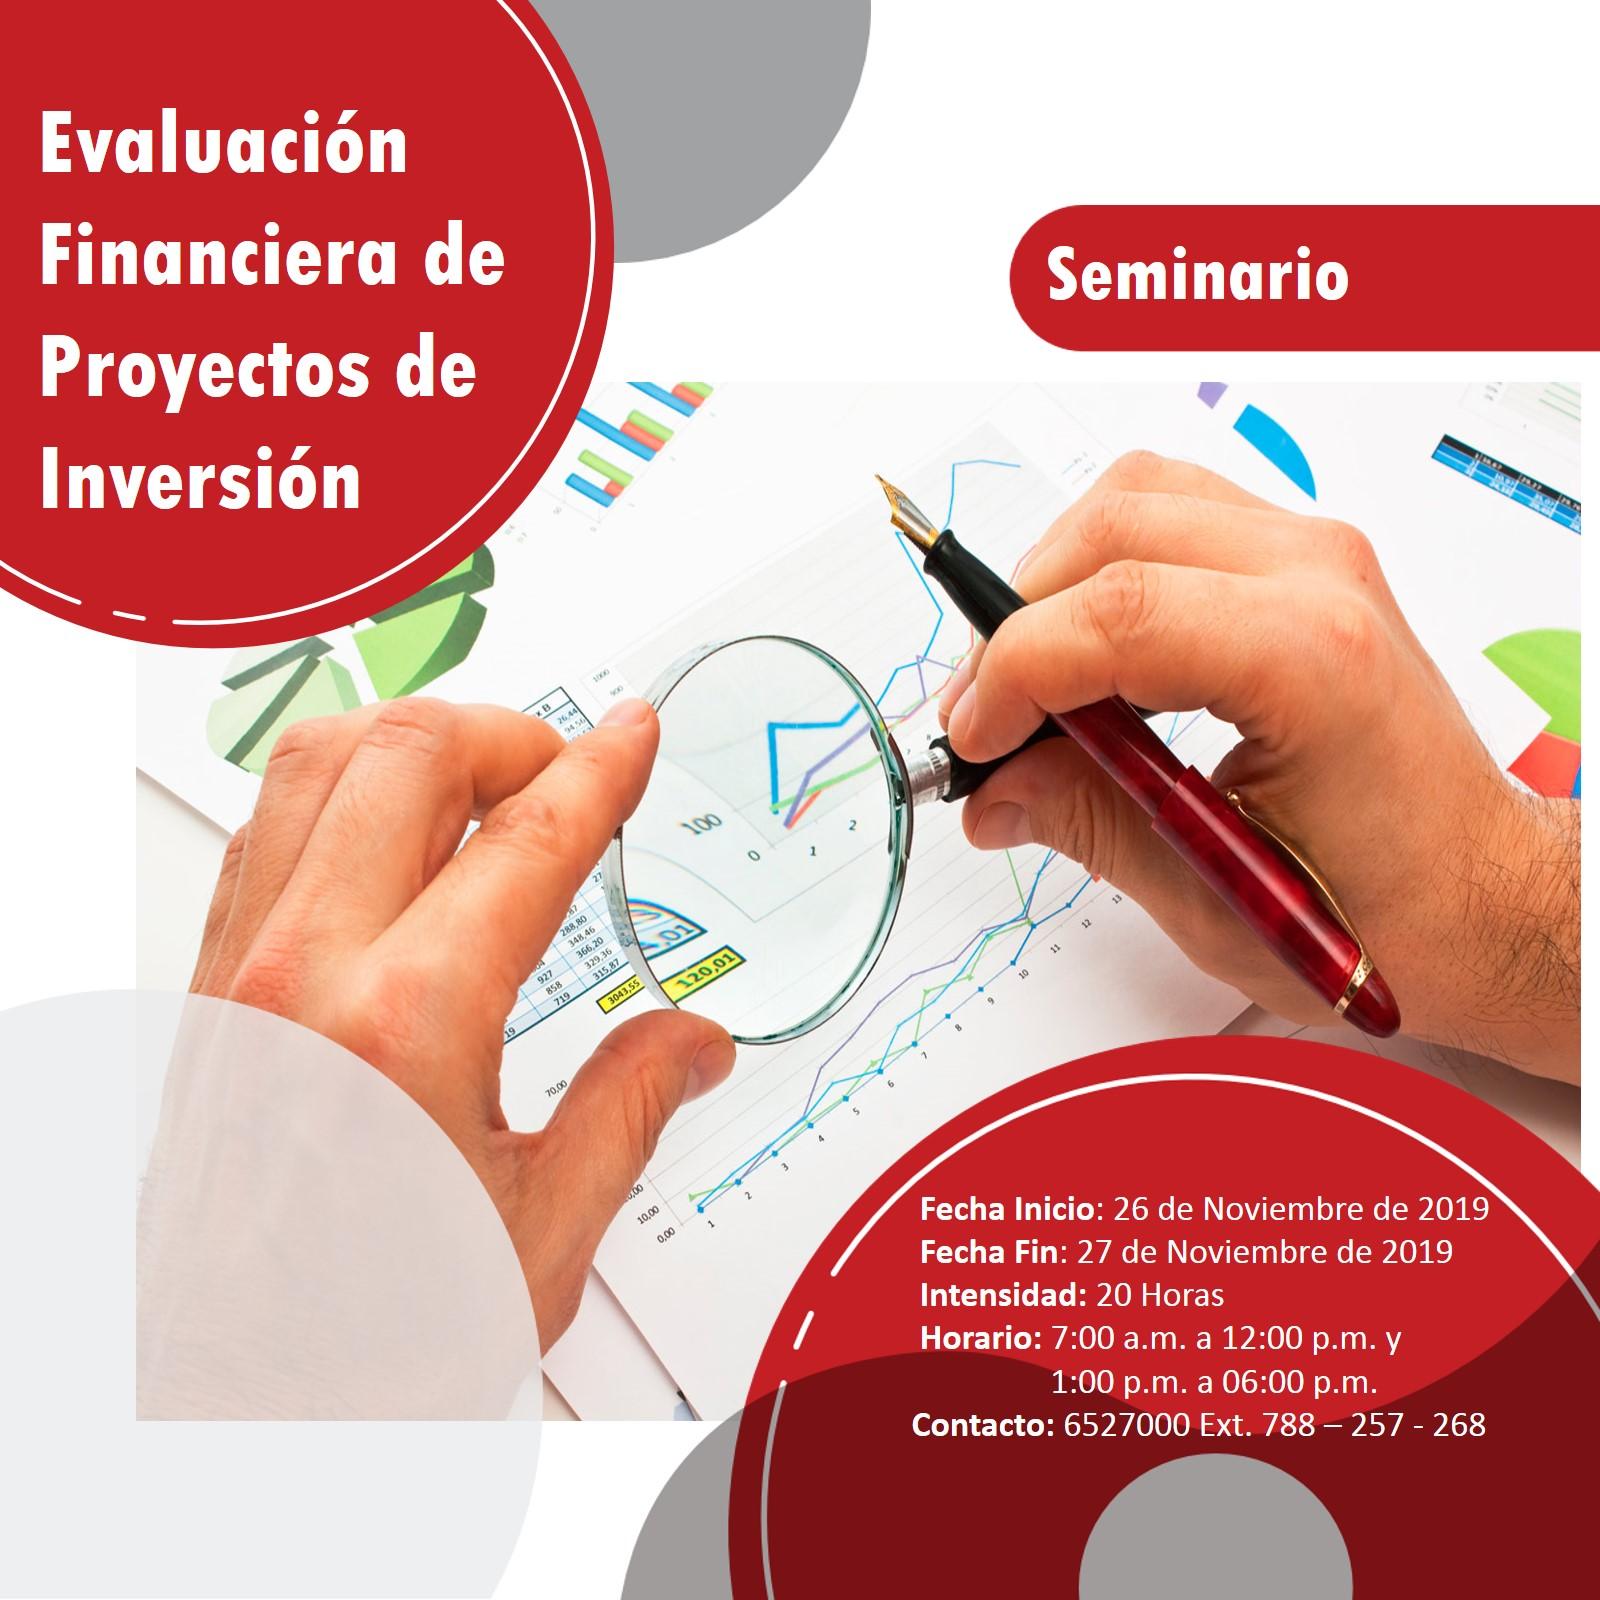 SEMINARIO EVALUACIÓN FINANCIERA DE PROYECTOS DE INVERSIÓN